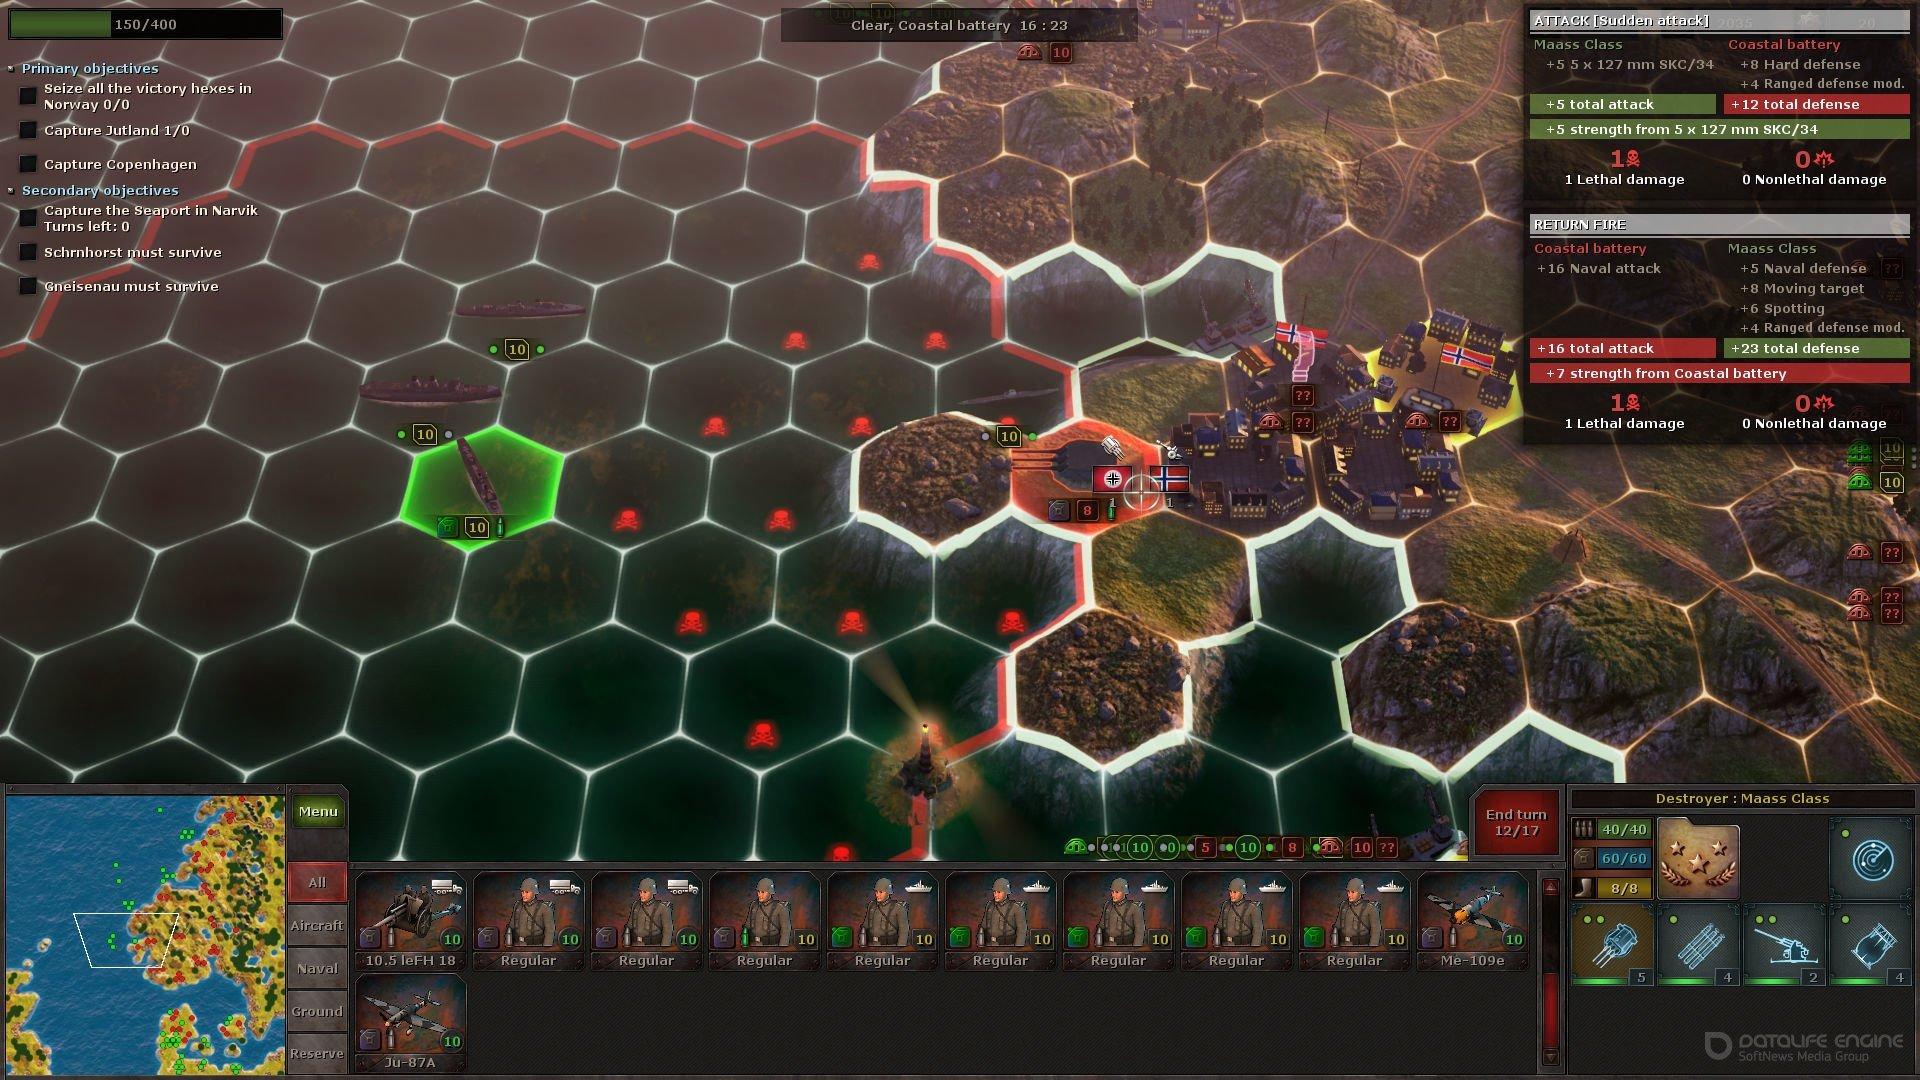 Скриншот к игре Strategic Mind: Blitzkrieg [GOG] (2020) скачать торрент Лицензия